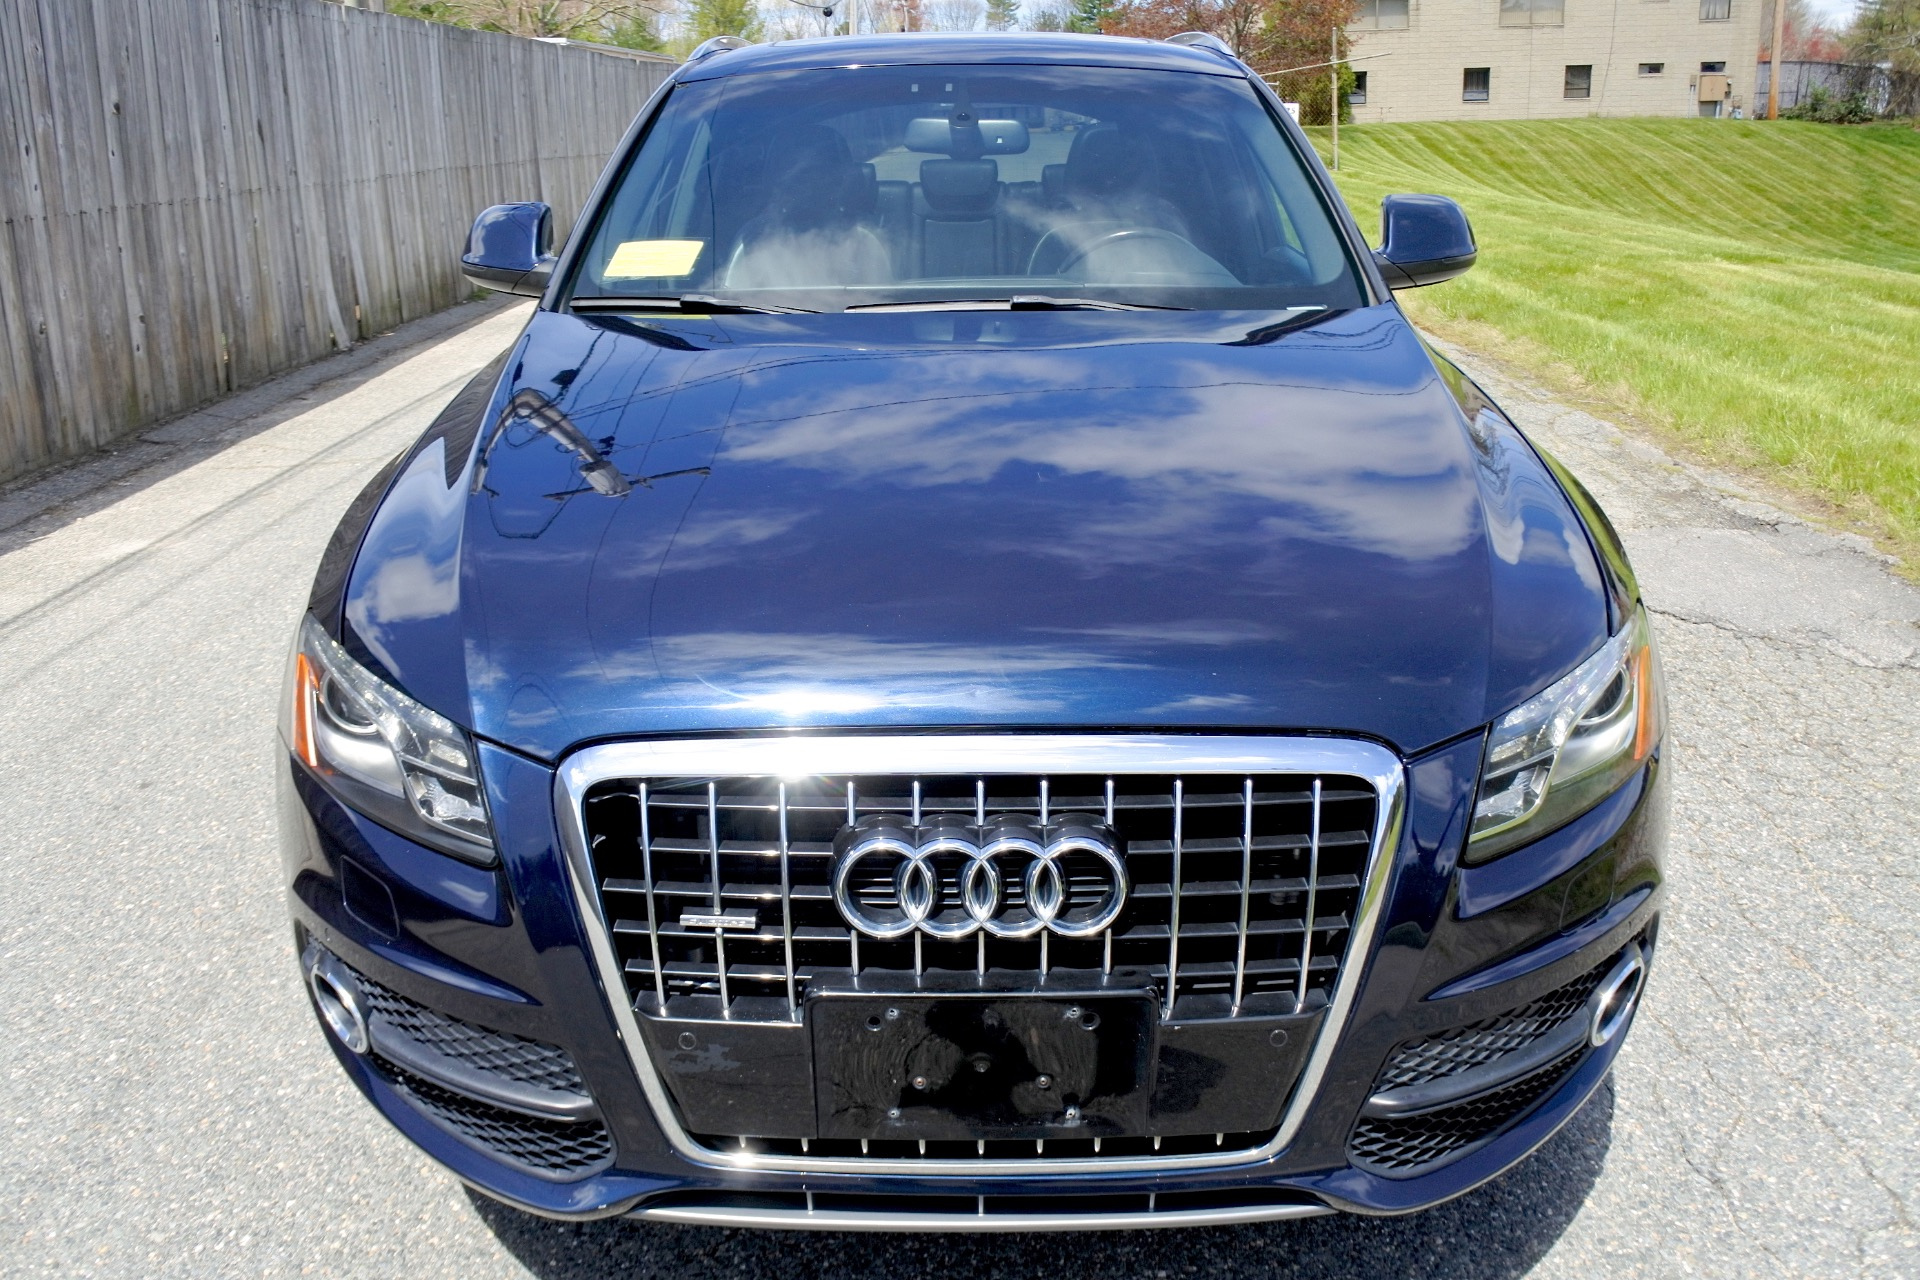 Used 2010 Audi Q5 Premium Plus S-Line Quattro Used 2010 Audi Q5 Premium Plus S-Line Quattro for sale  at Metro West Motorcars LLC in Shrewsbury MA 8